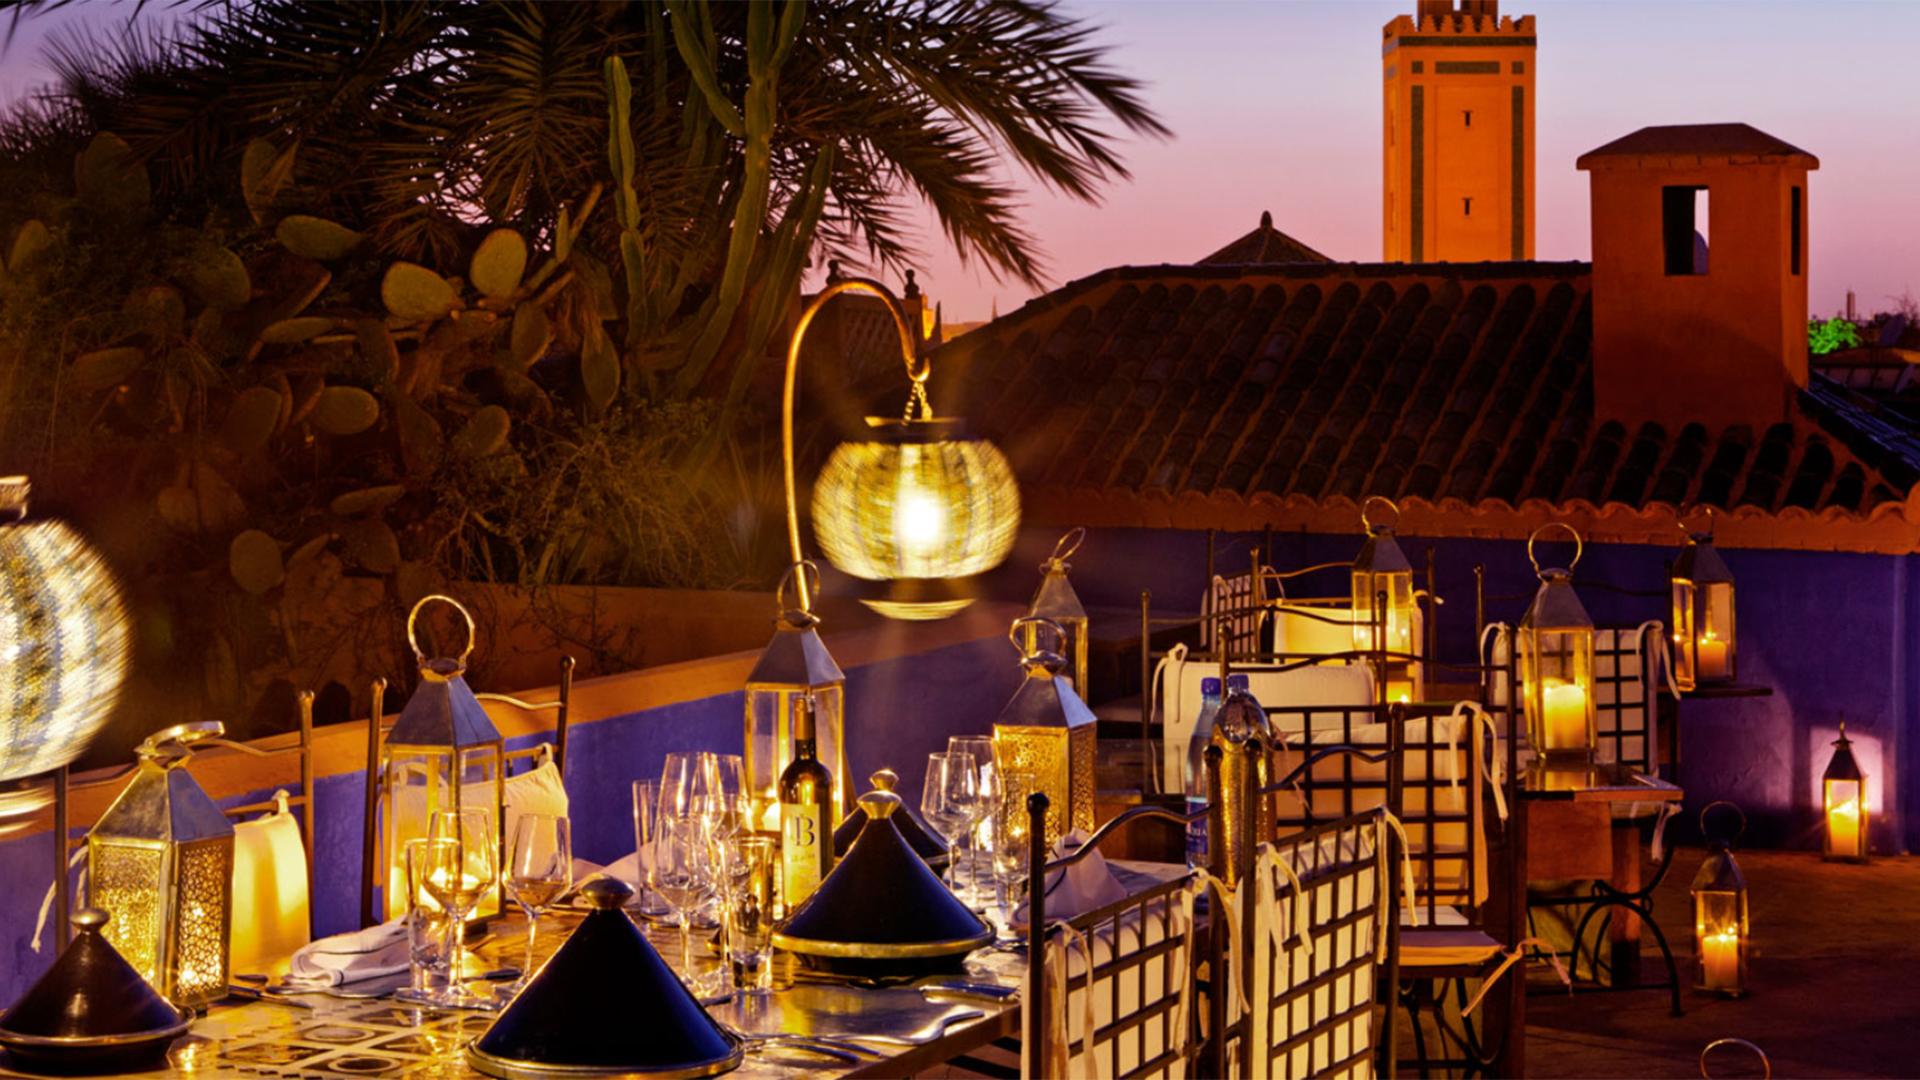 Riad-Farnatchi-by-night-Marrakech-Morocco